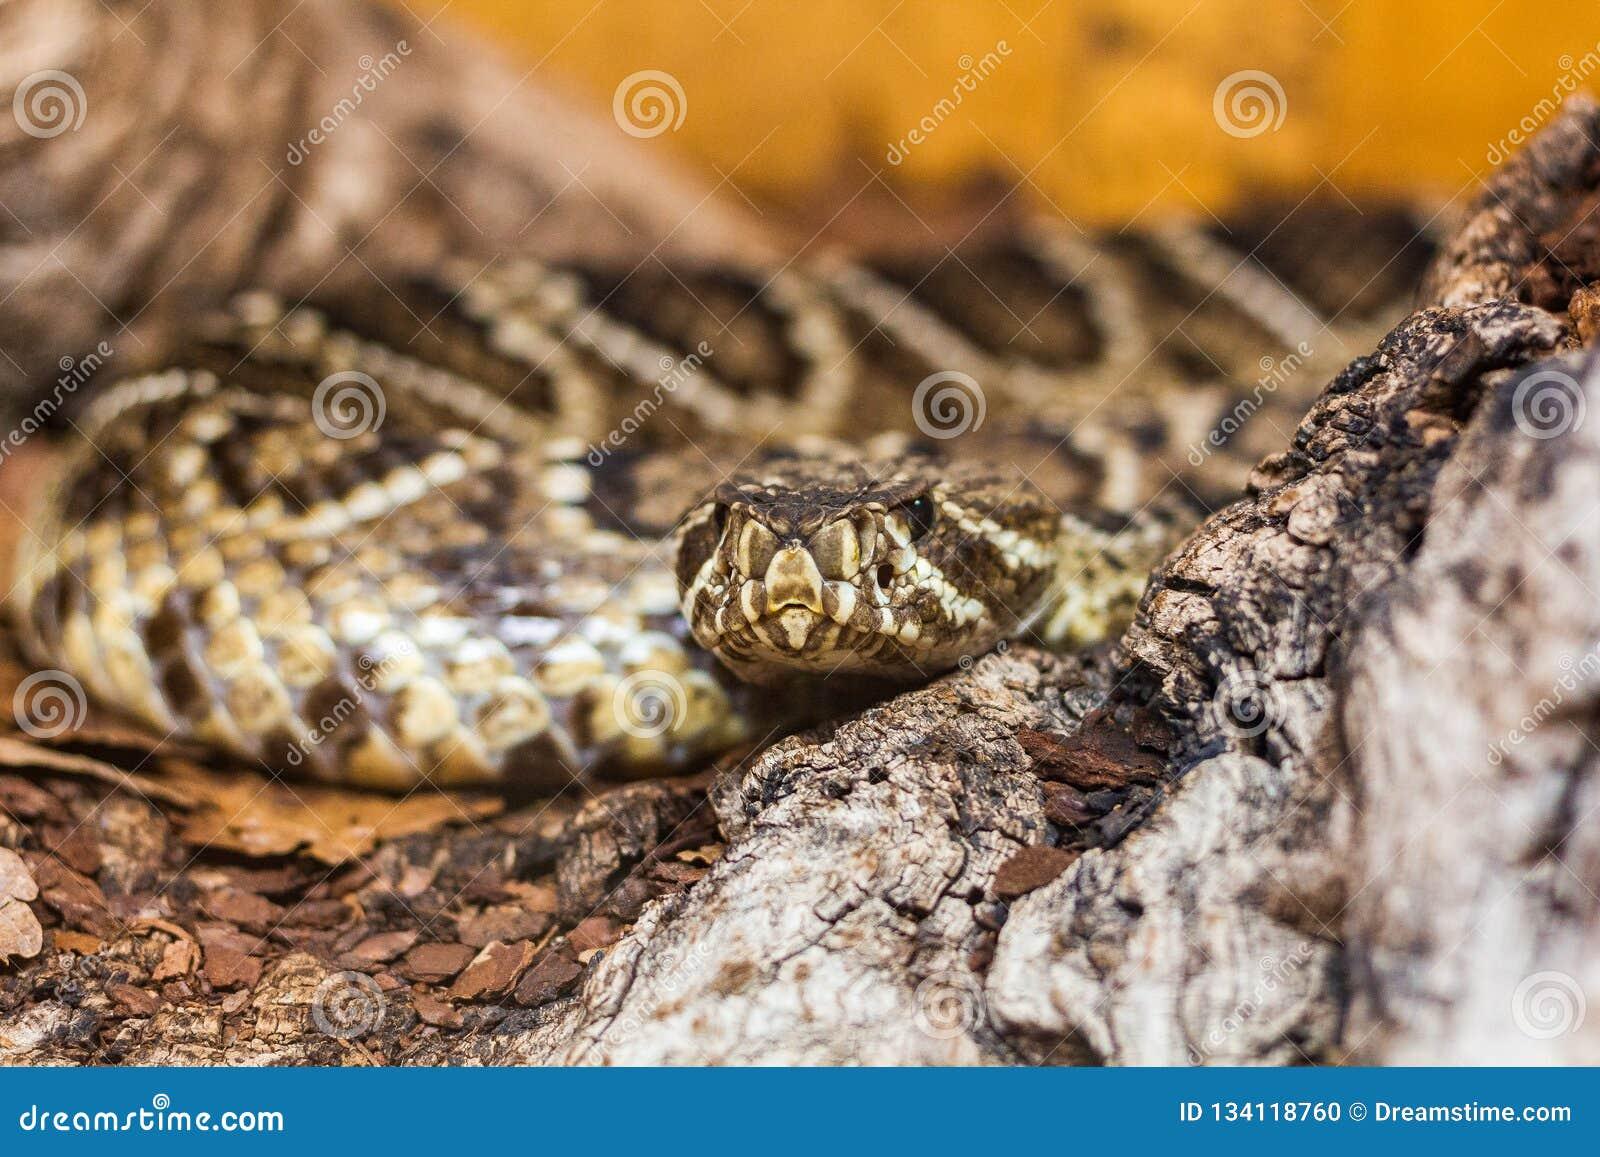 Het bedreigen van bruine slang